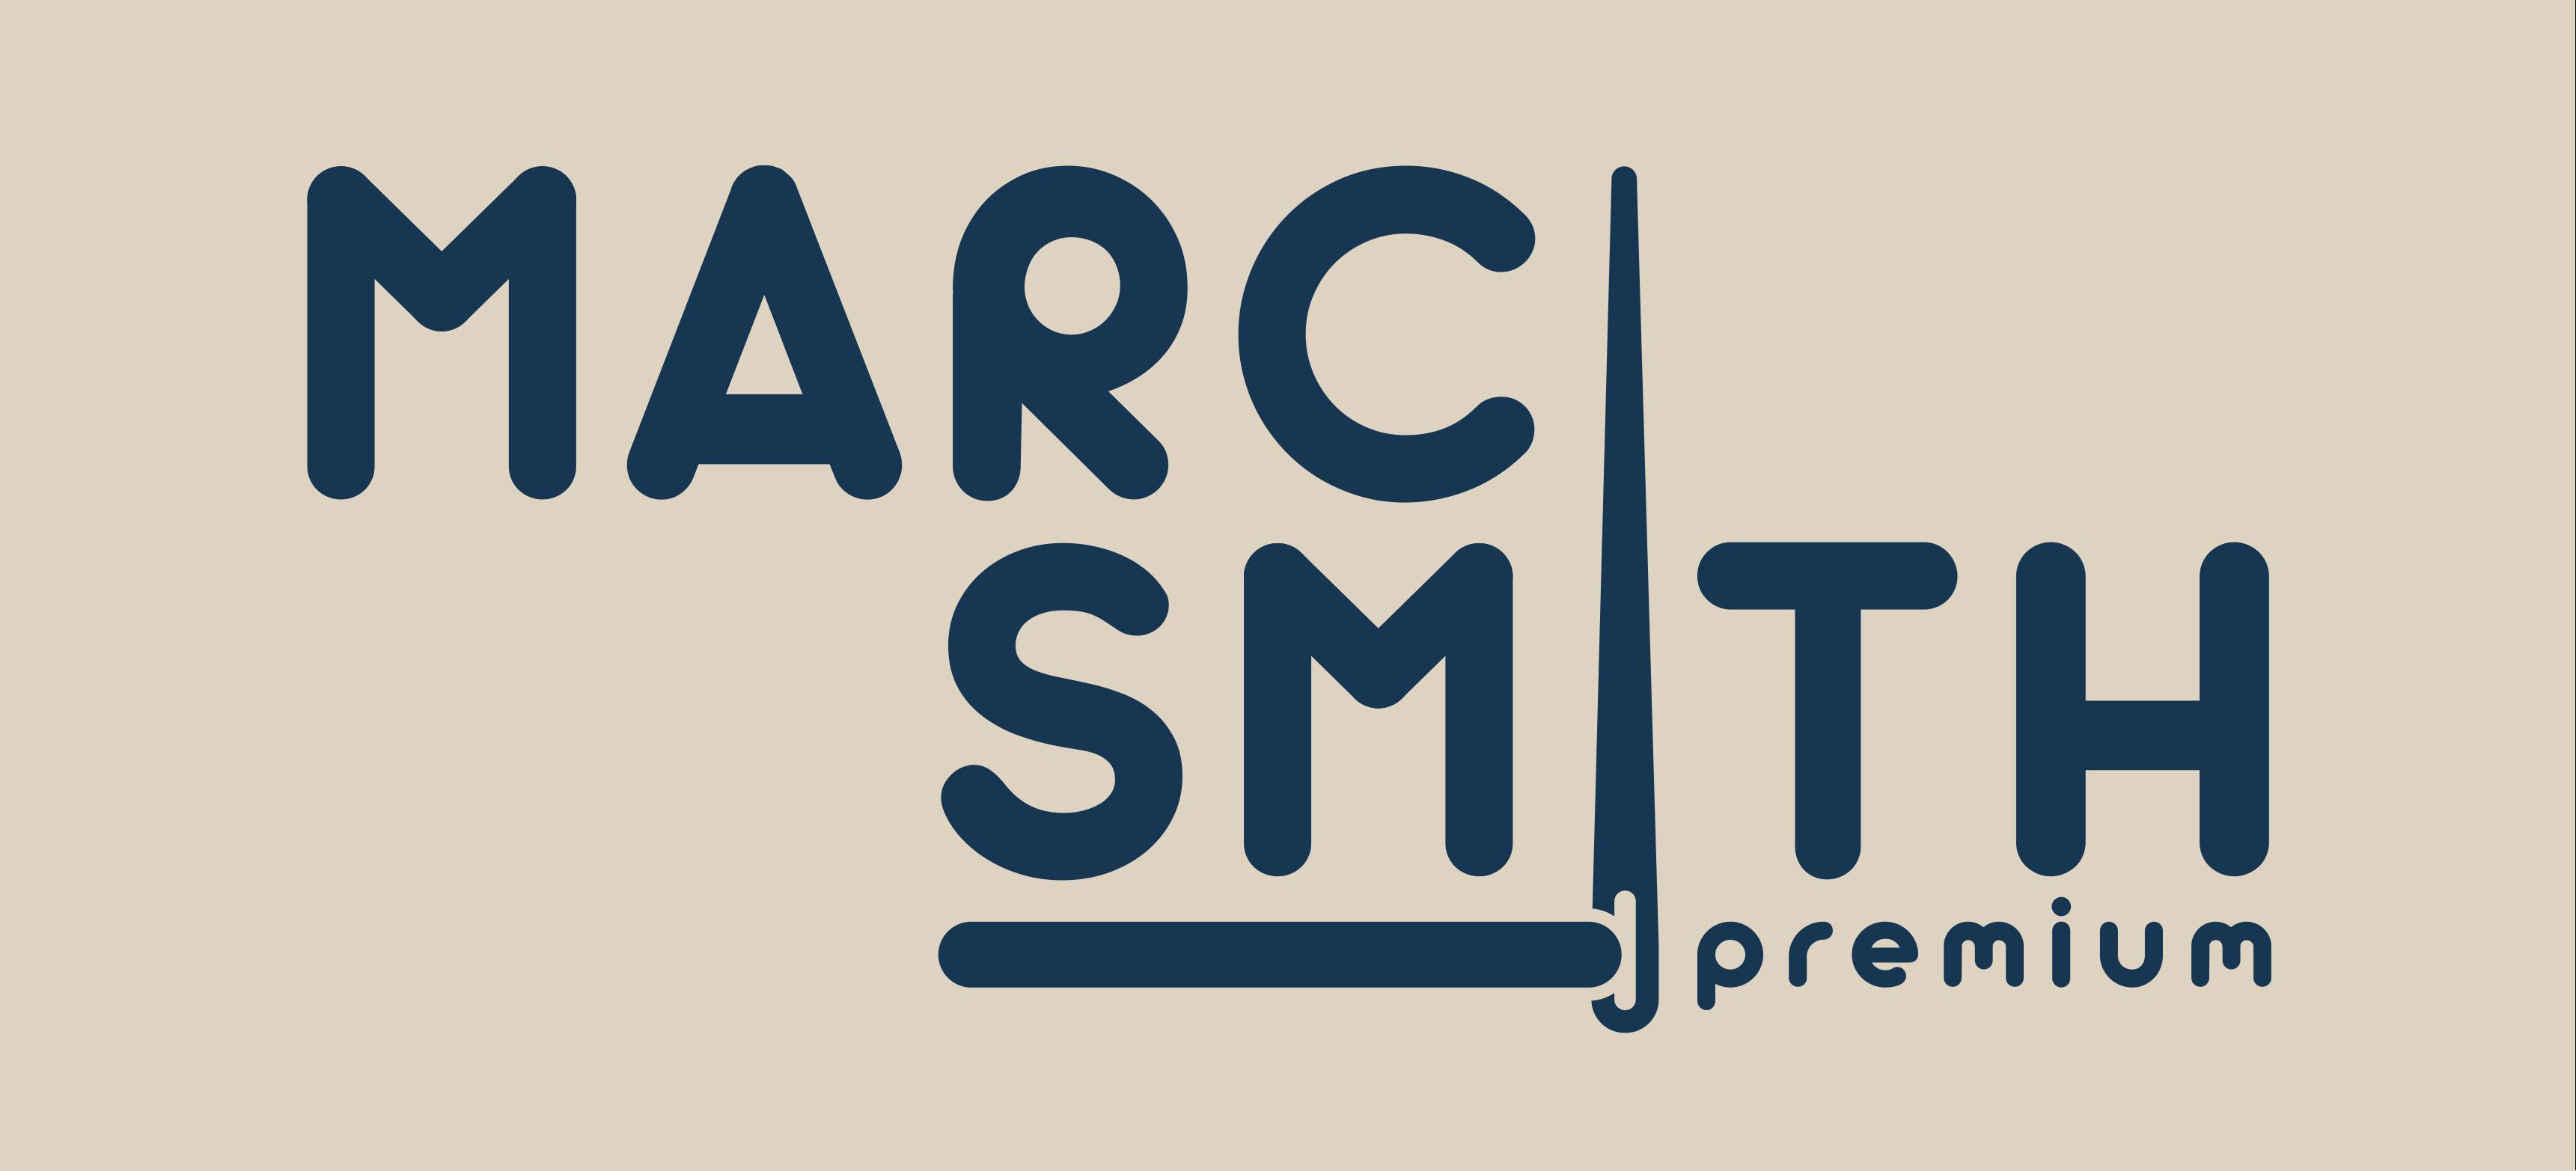 Разработка логотипа для ЛИЧНОГО БРЕНДА.  фото f_5515d0125ef1ae27.png